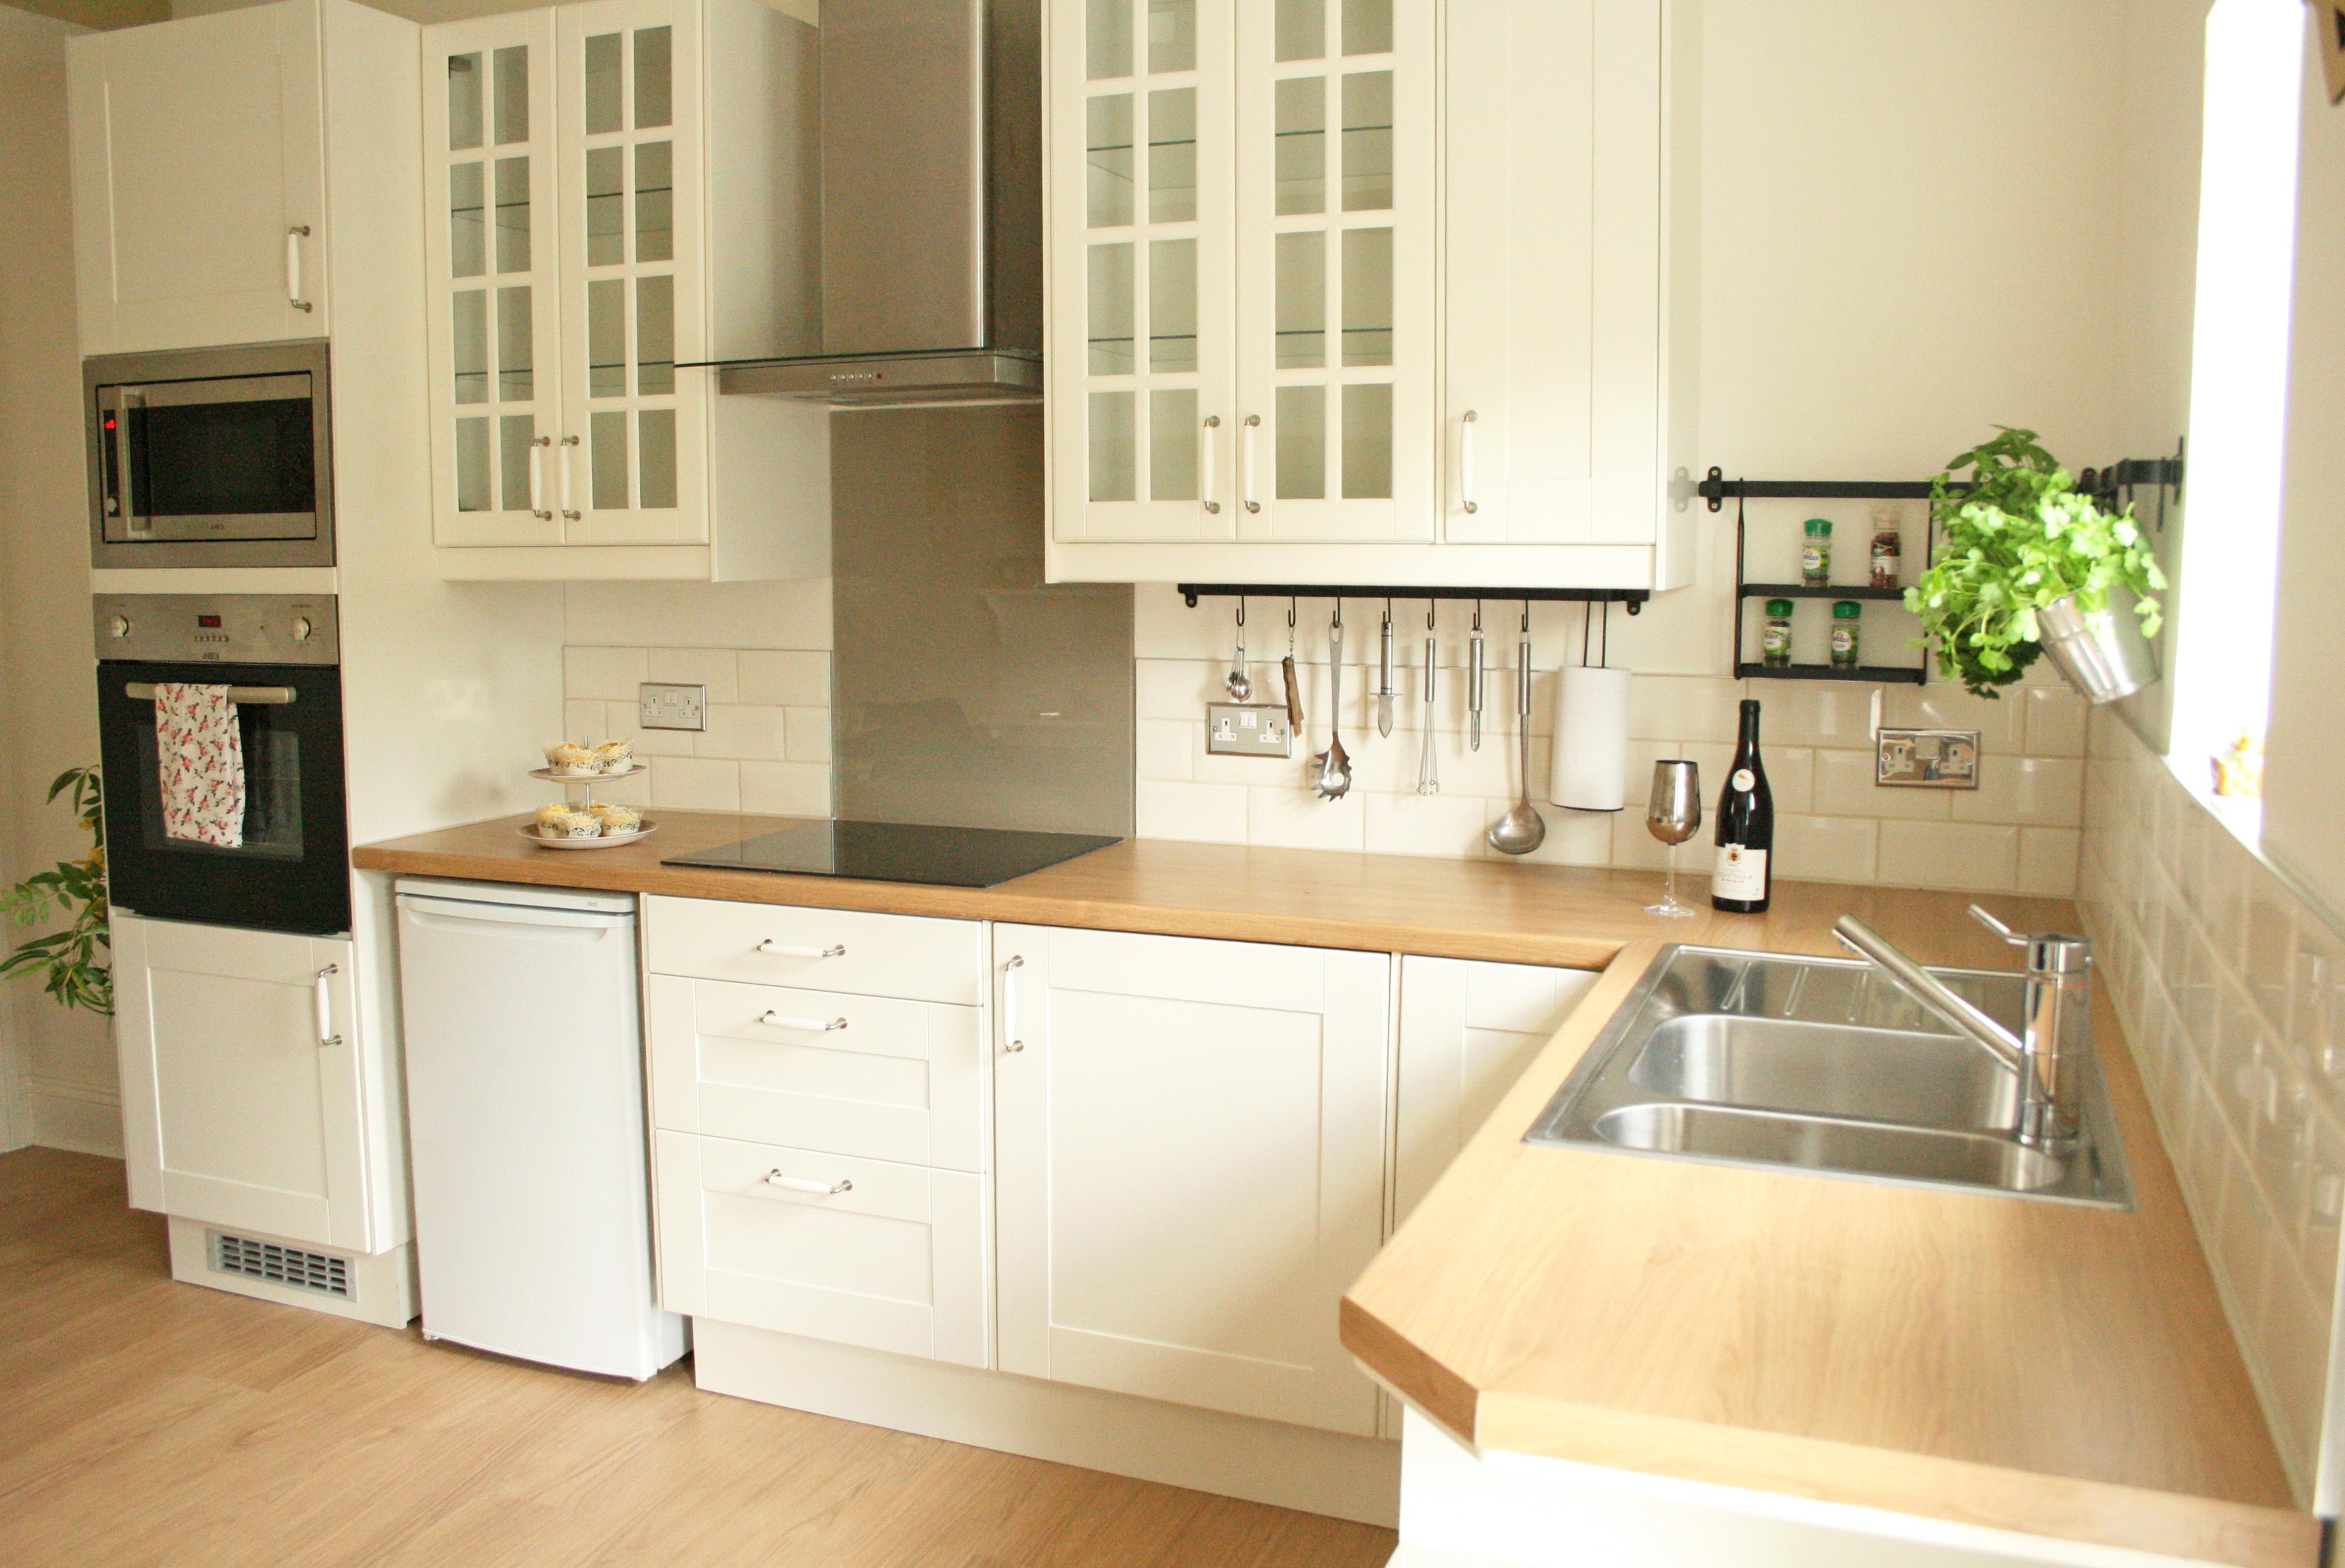 Kitchen Tile Ideas Cream Gloss